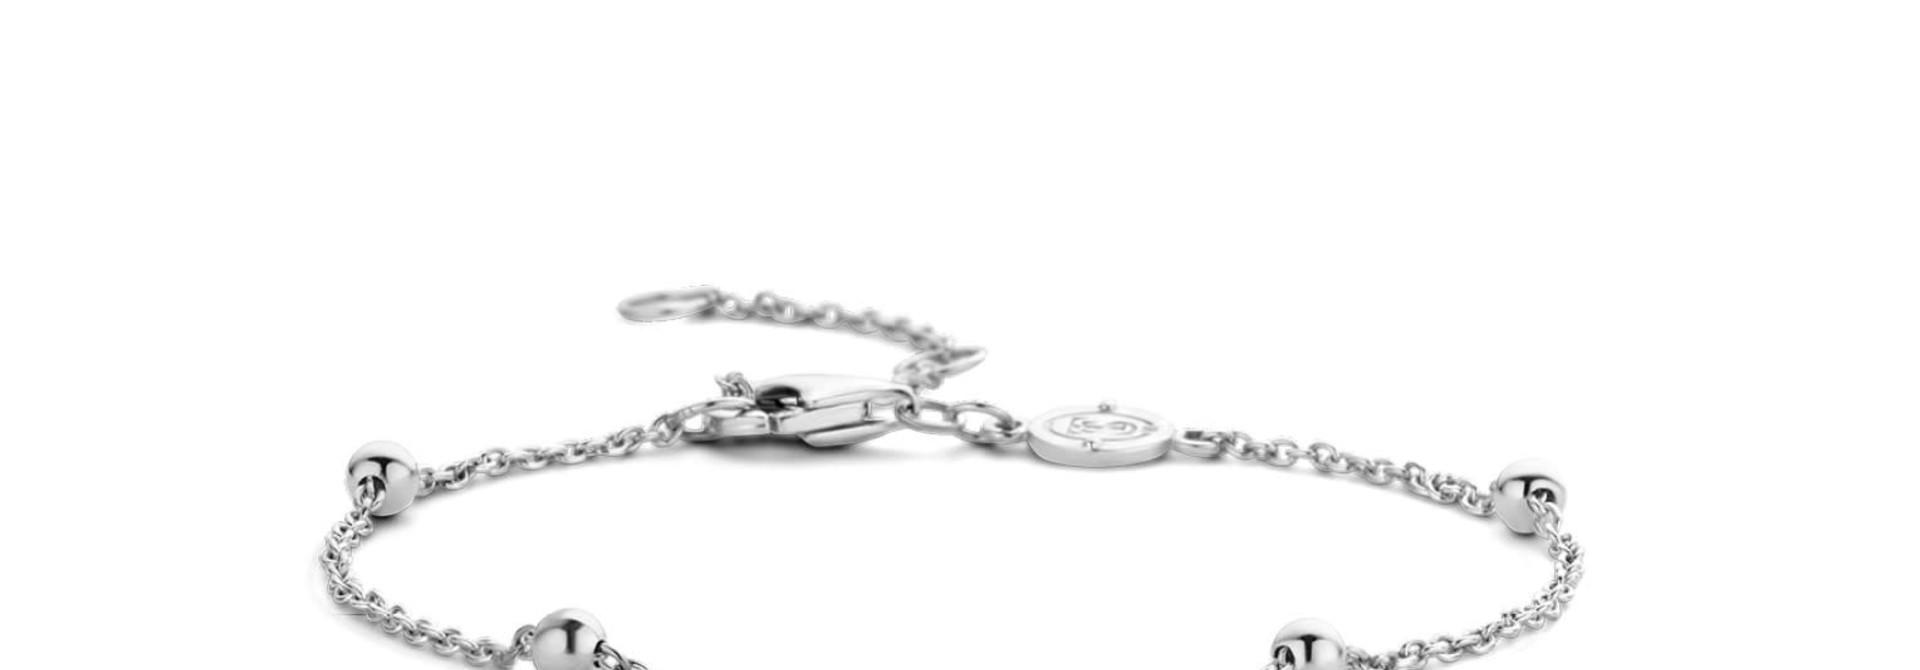 TI SENTO - Milano Bracelet 2927SI